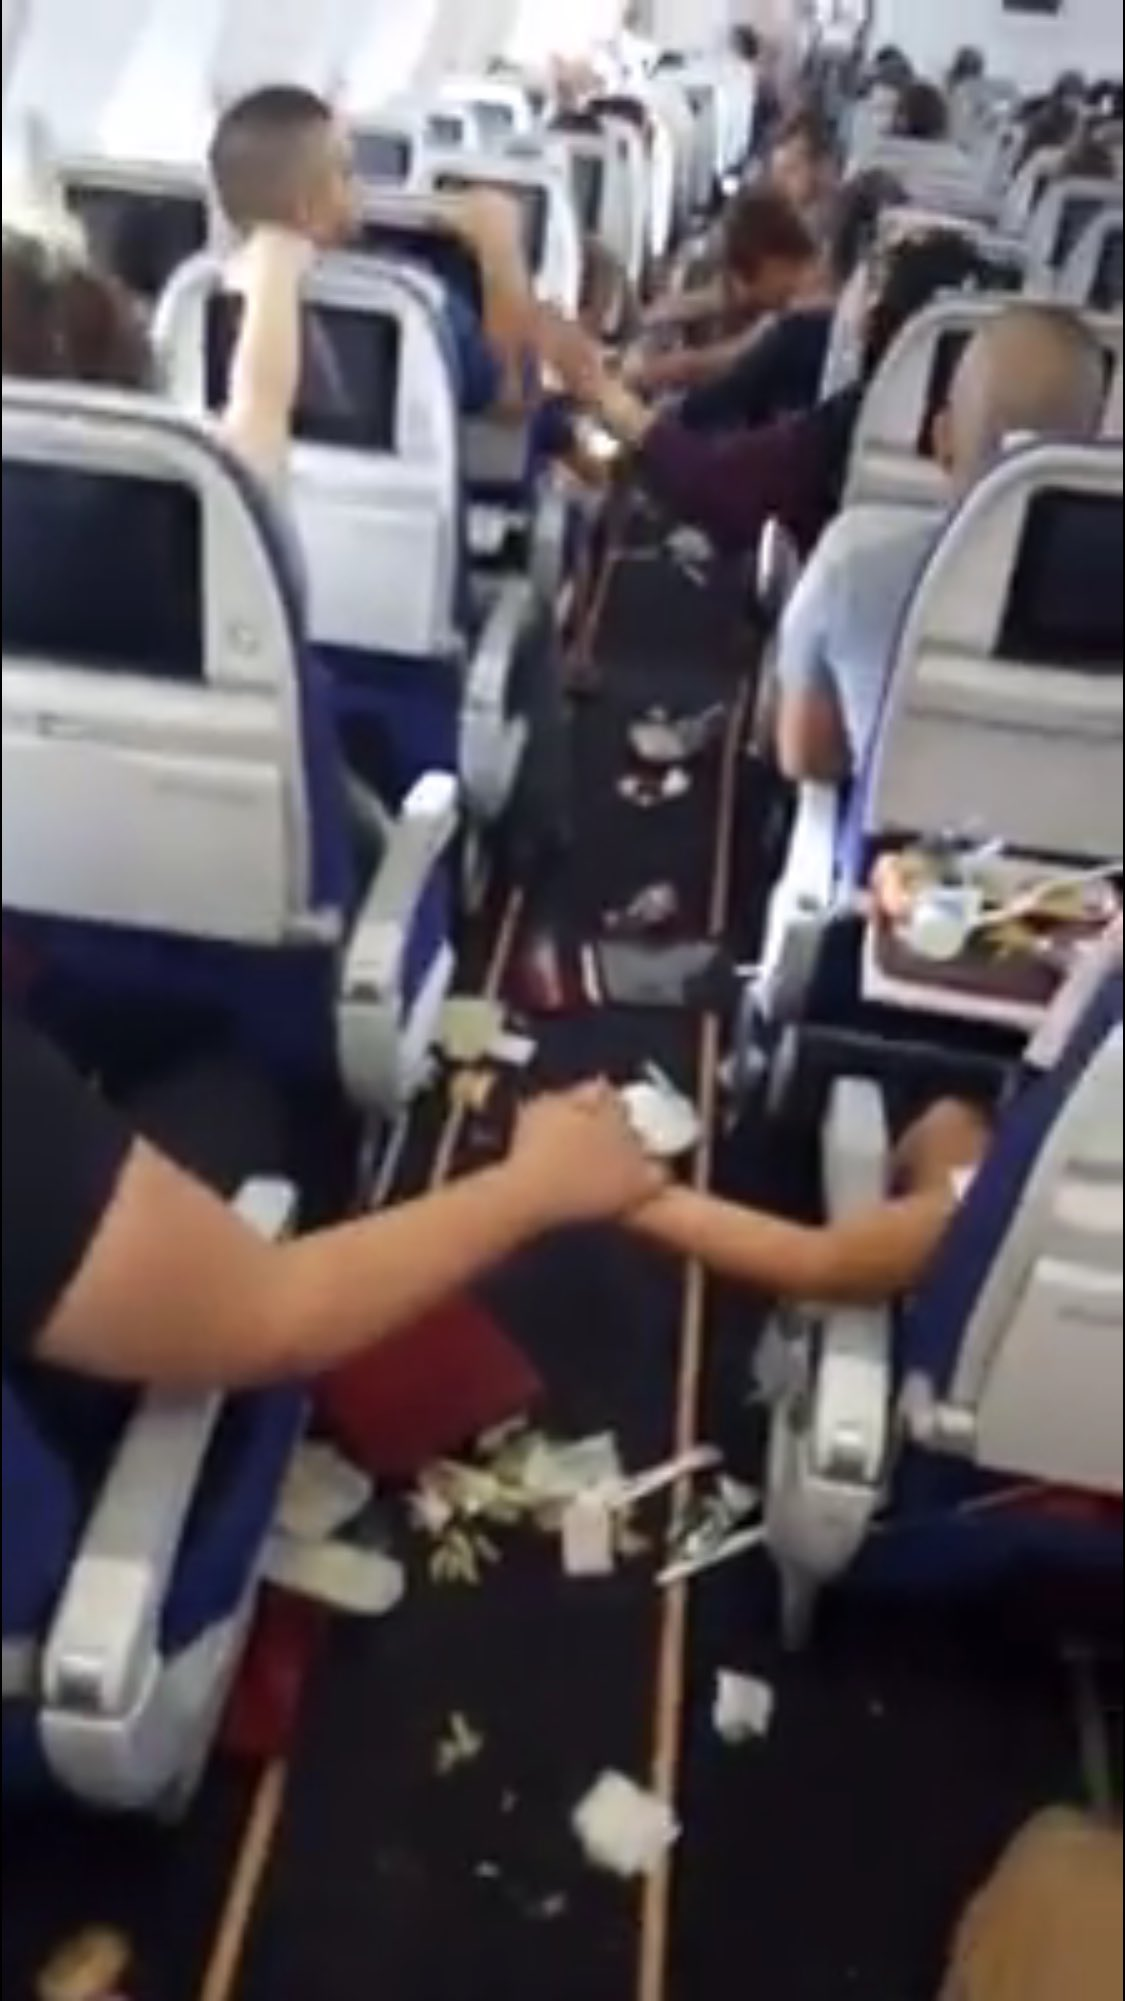 Turbolenza Paurosa sul Volo: Passeggeri si Stringono la Mano